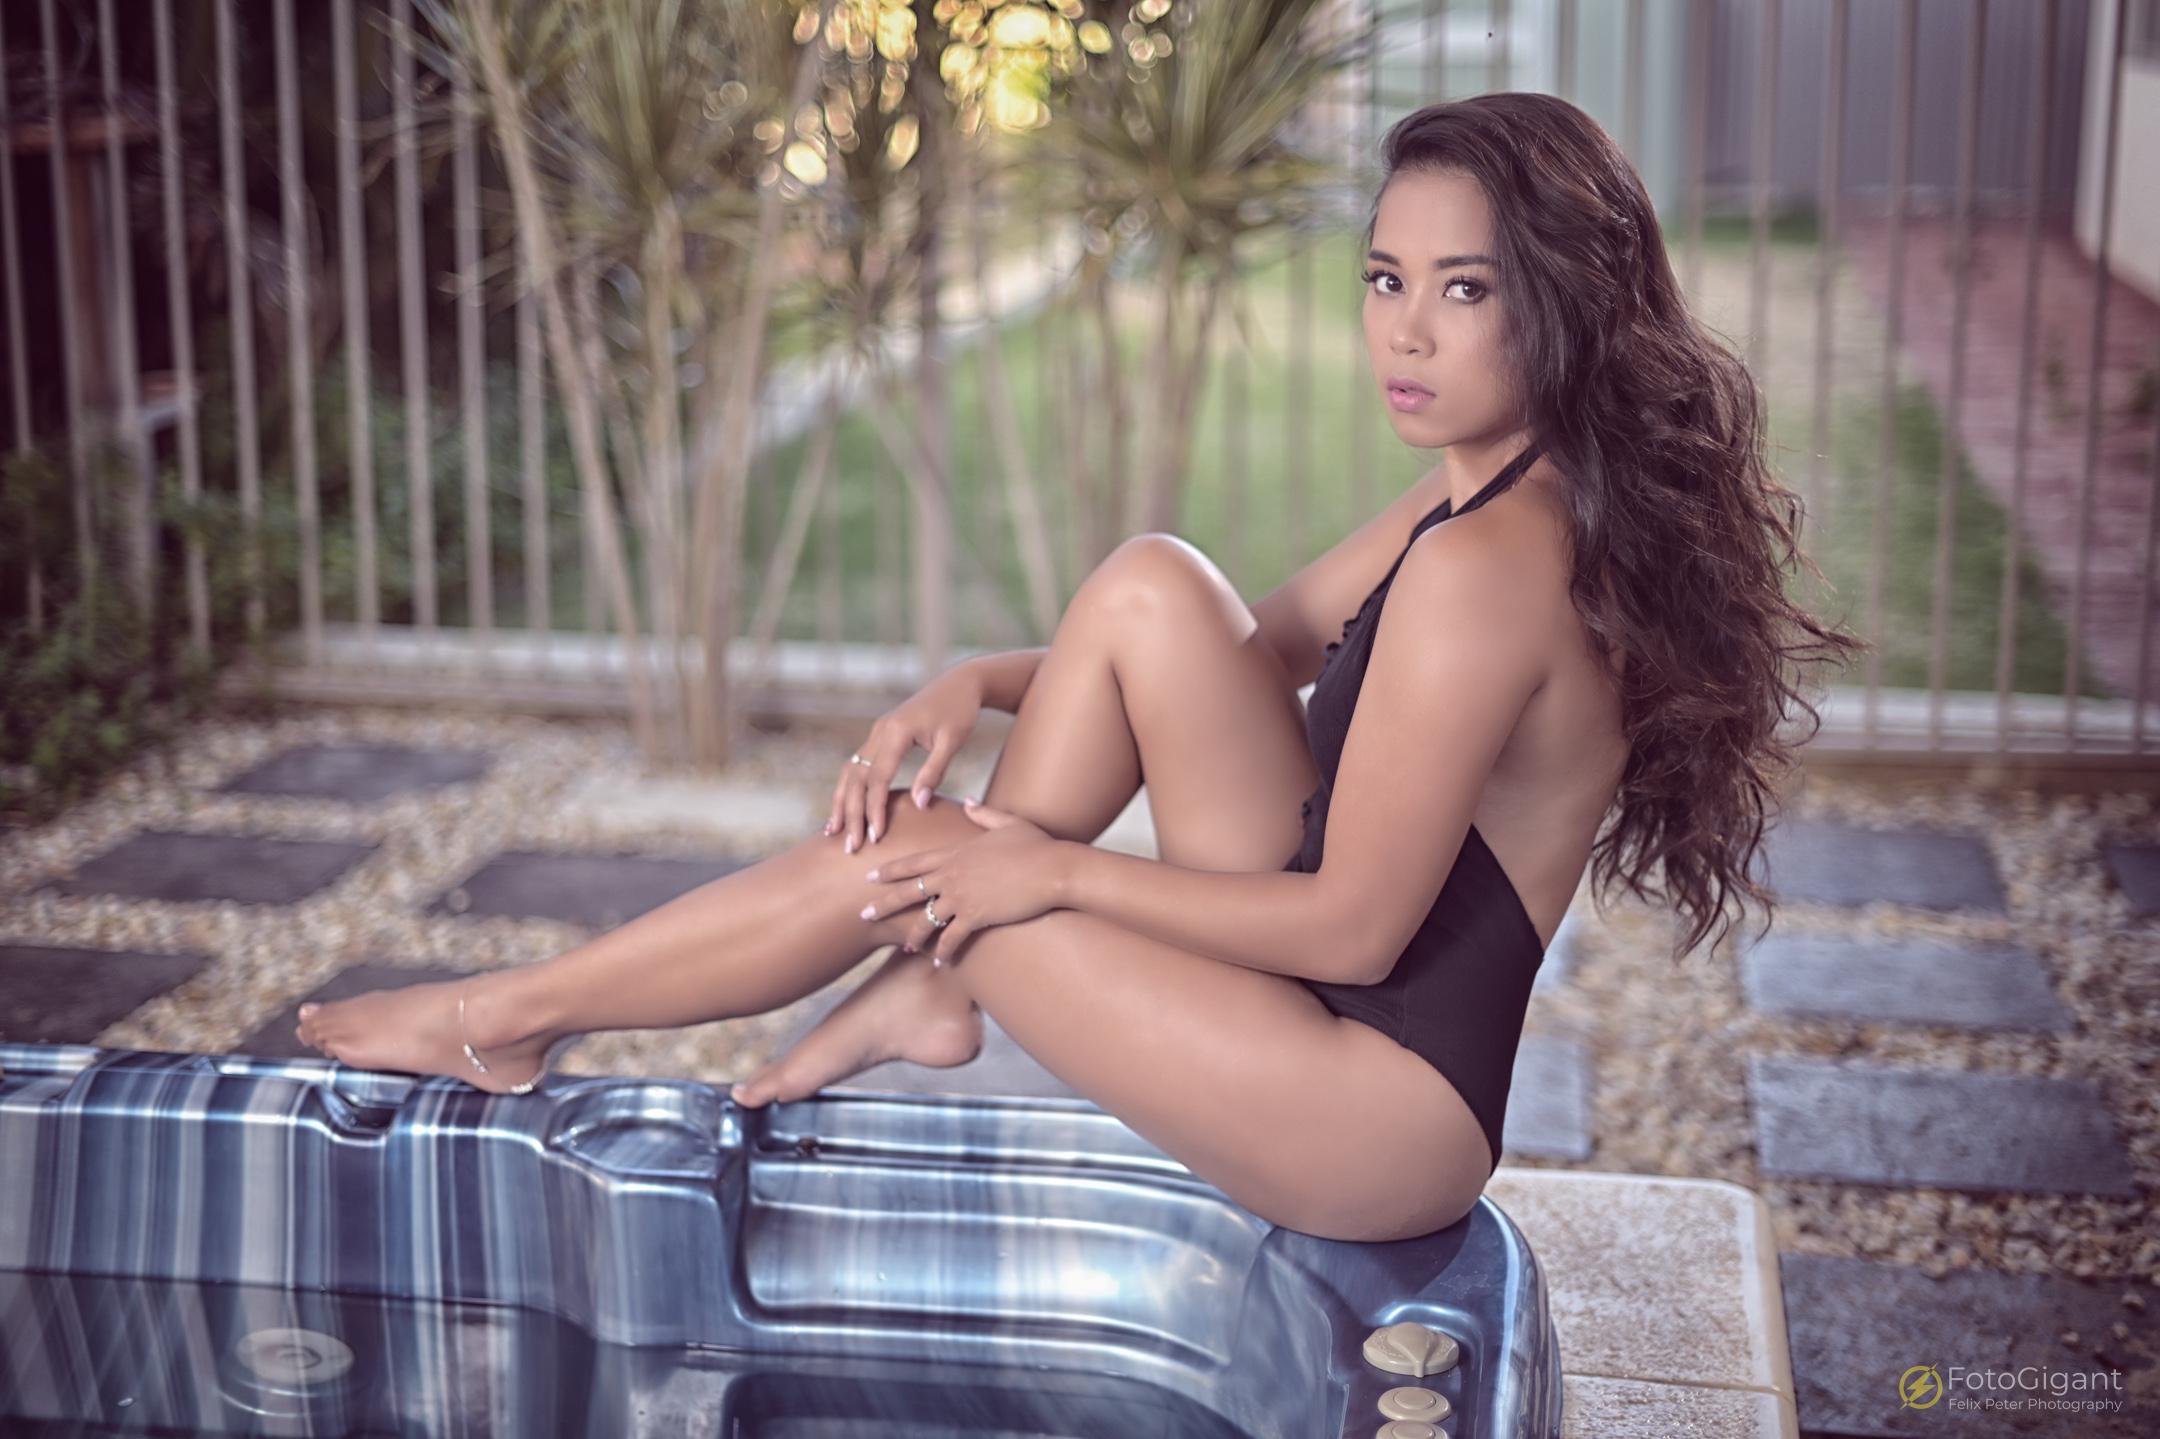 Sexy_Bikini-Fashion_01.jpg